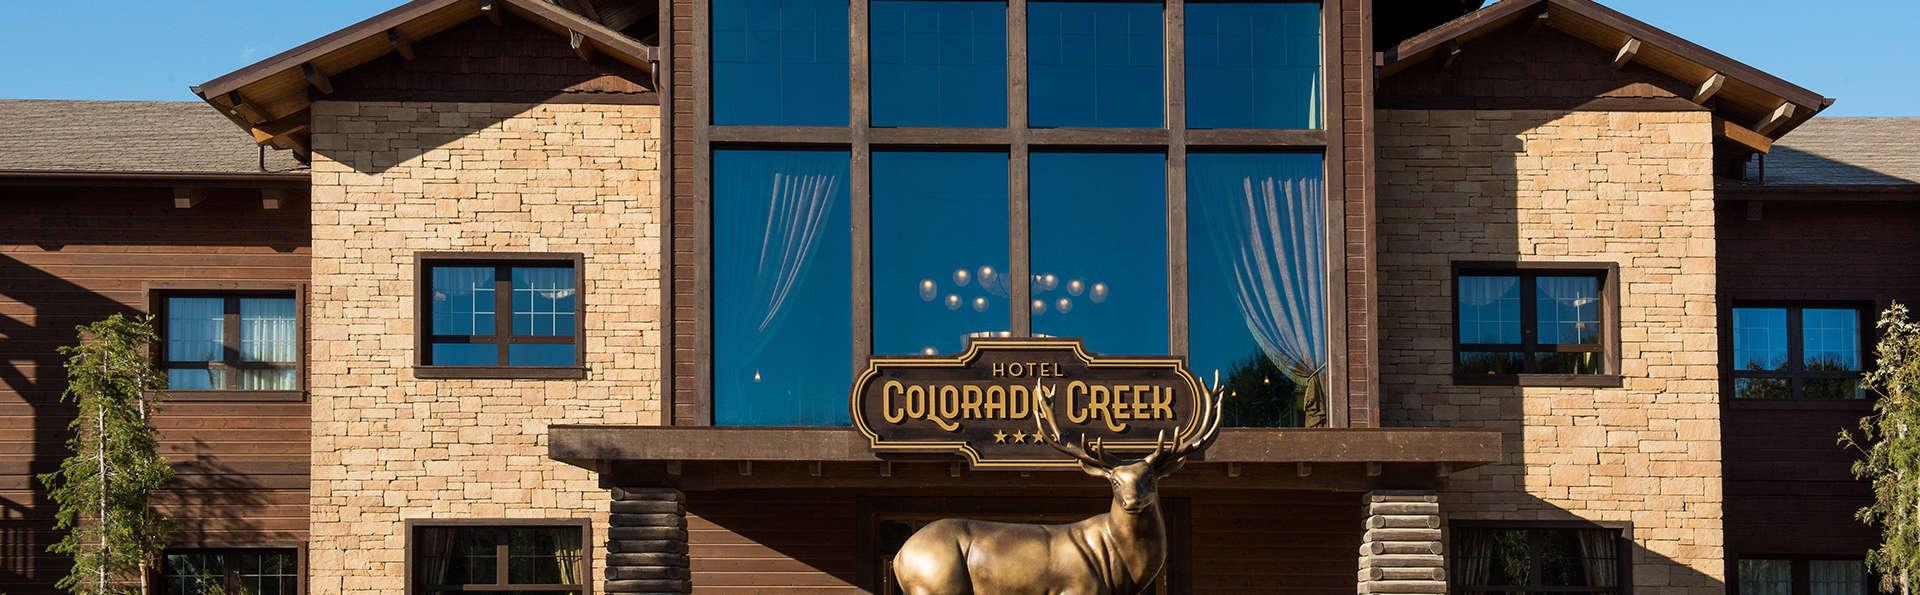 PortAventura Hotel Colorado Creek - EDIT_EXTERIOR_6.jpg